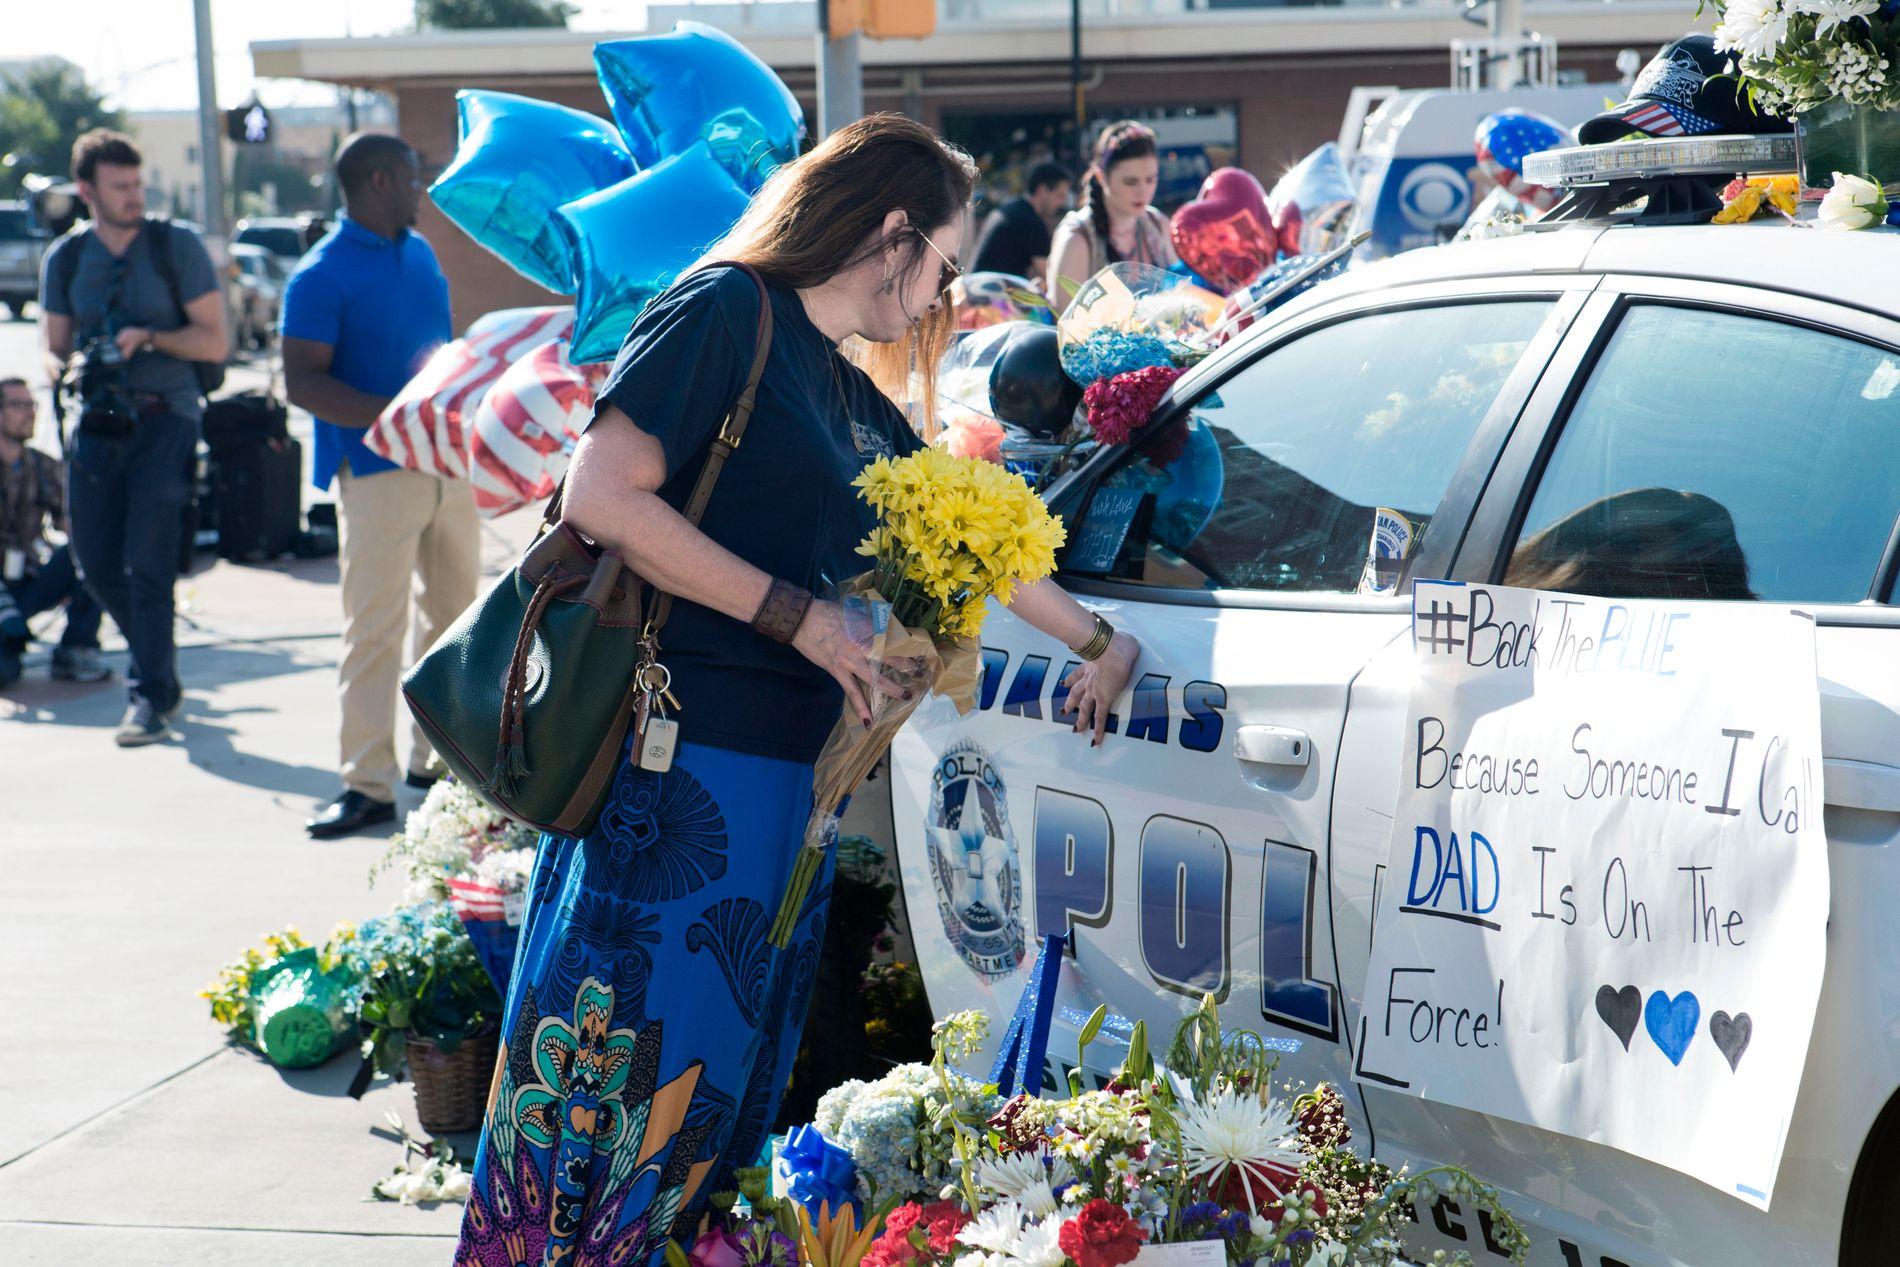 DAGEN ETTER DRAPENE: Innbyggerne i Dallas strømmet i går til Dallas Police Department for å vise sin støtte og hedre de fem drepte polititjenestemennene.